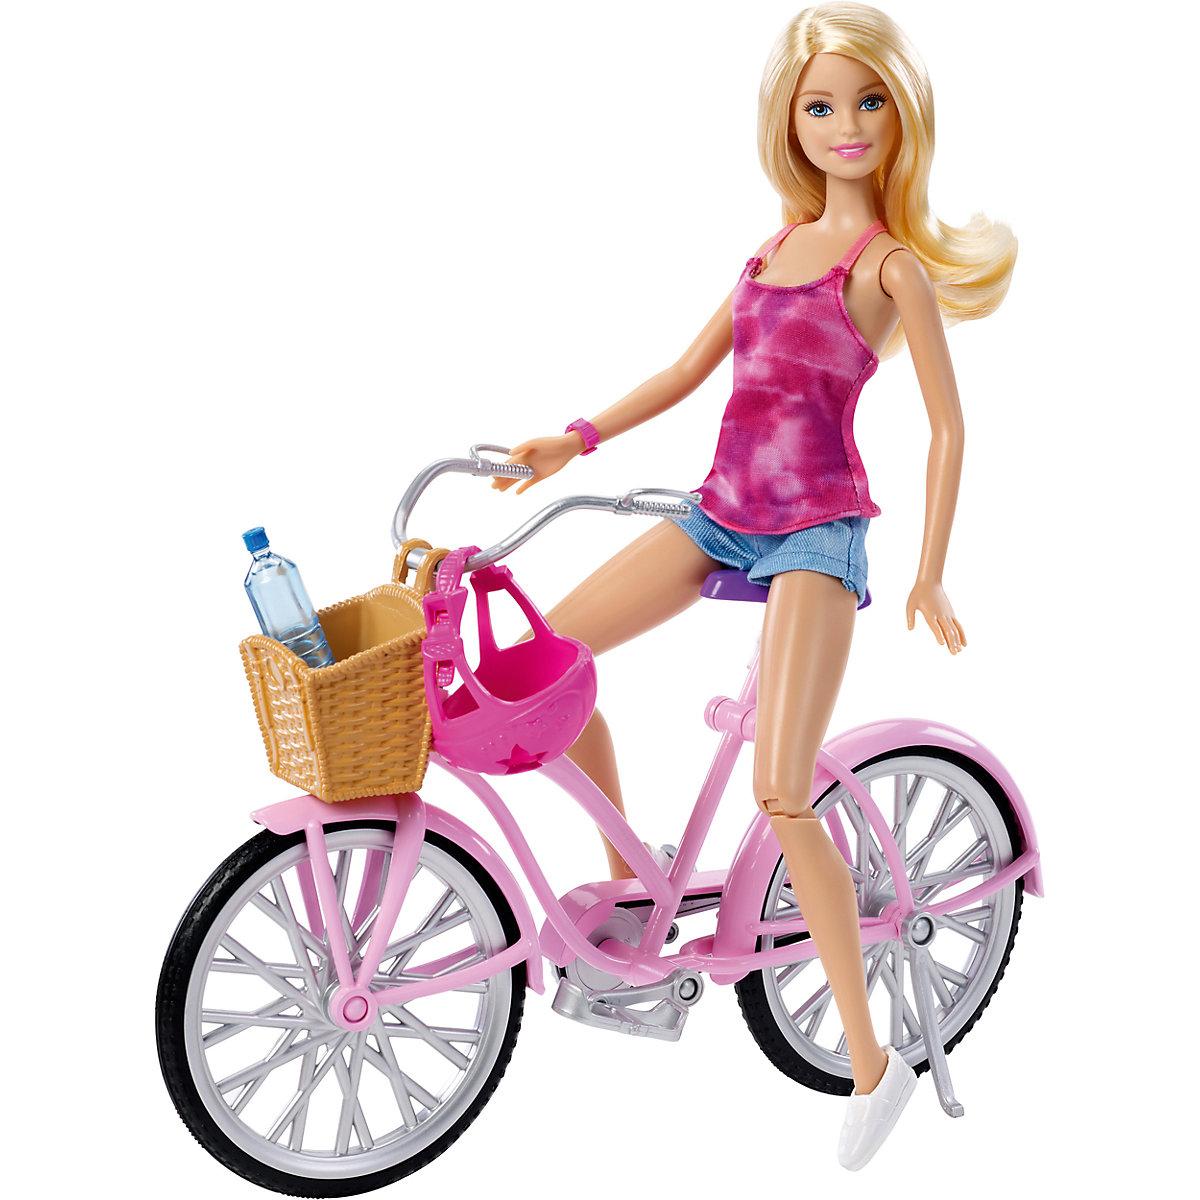 Eine Barbie-Puppe